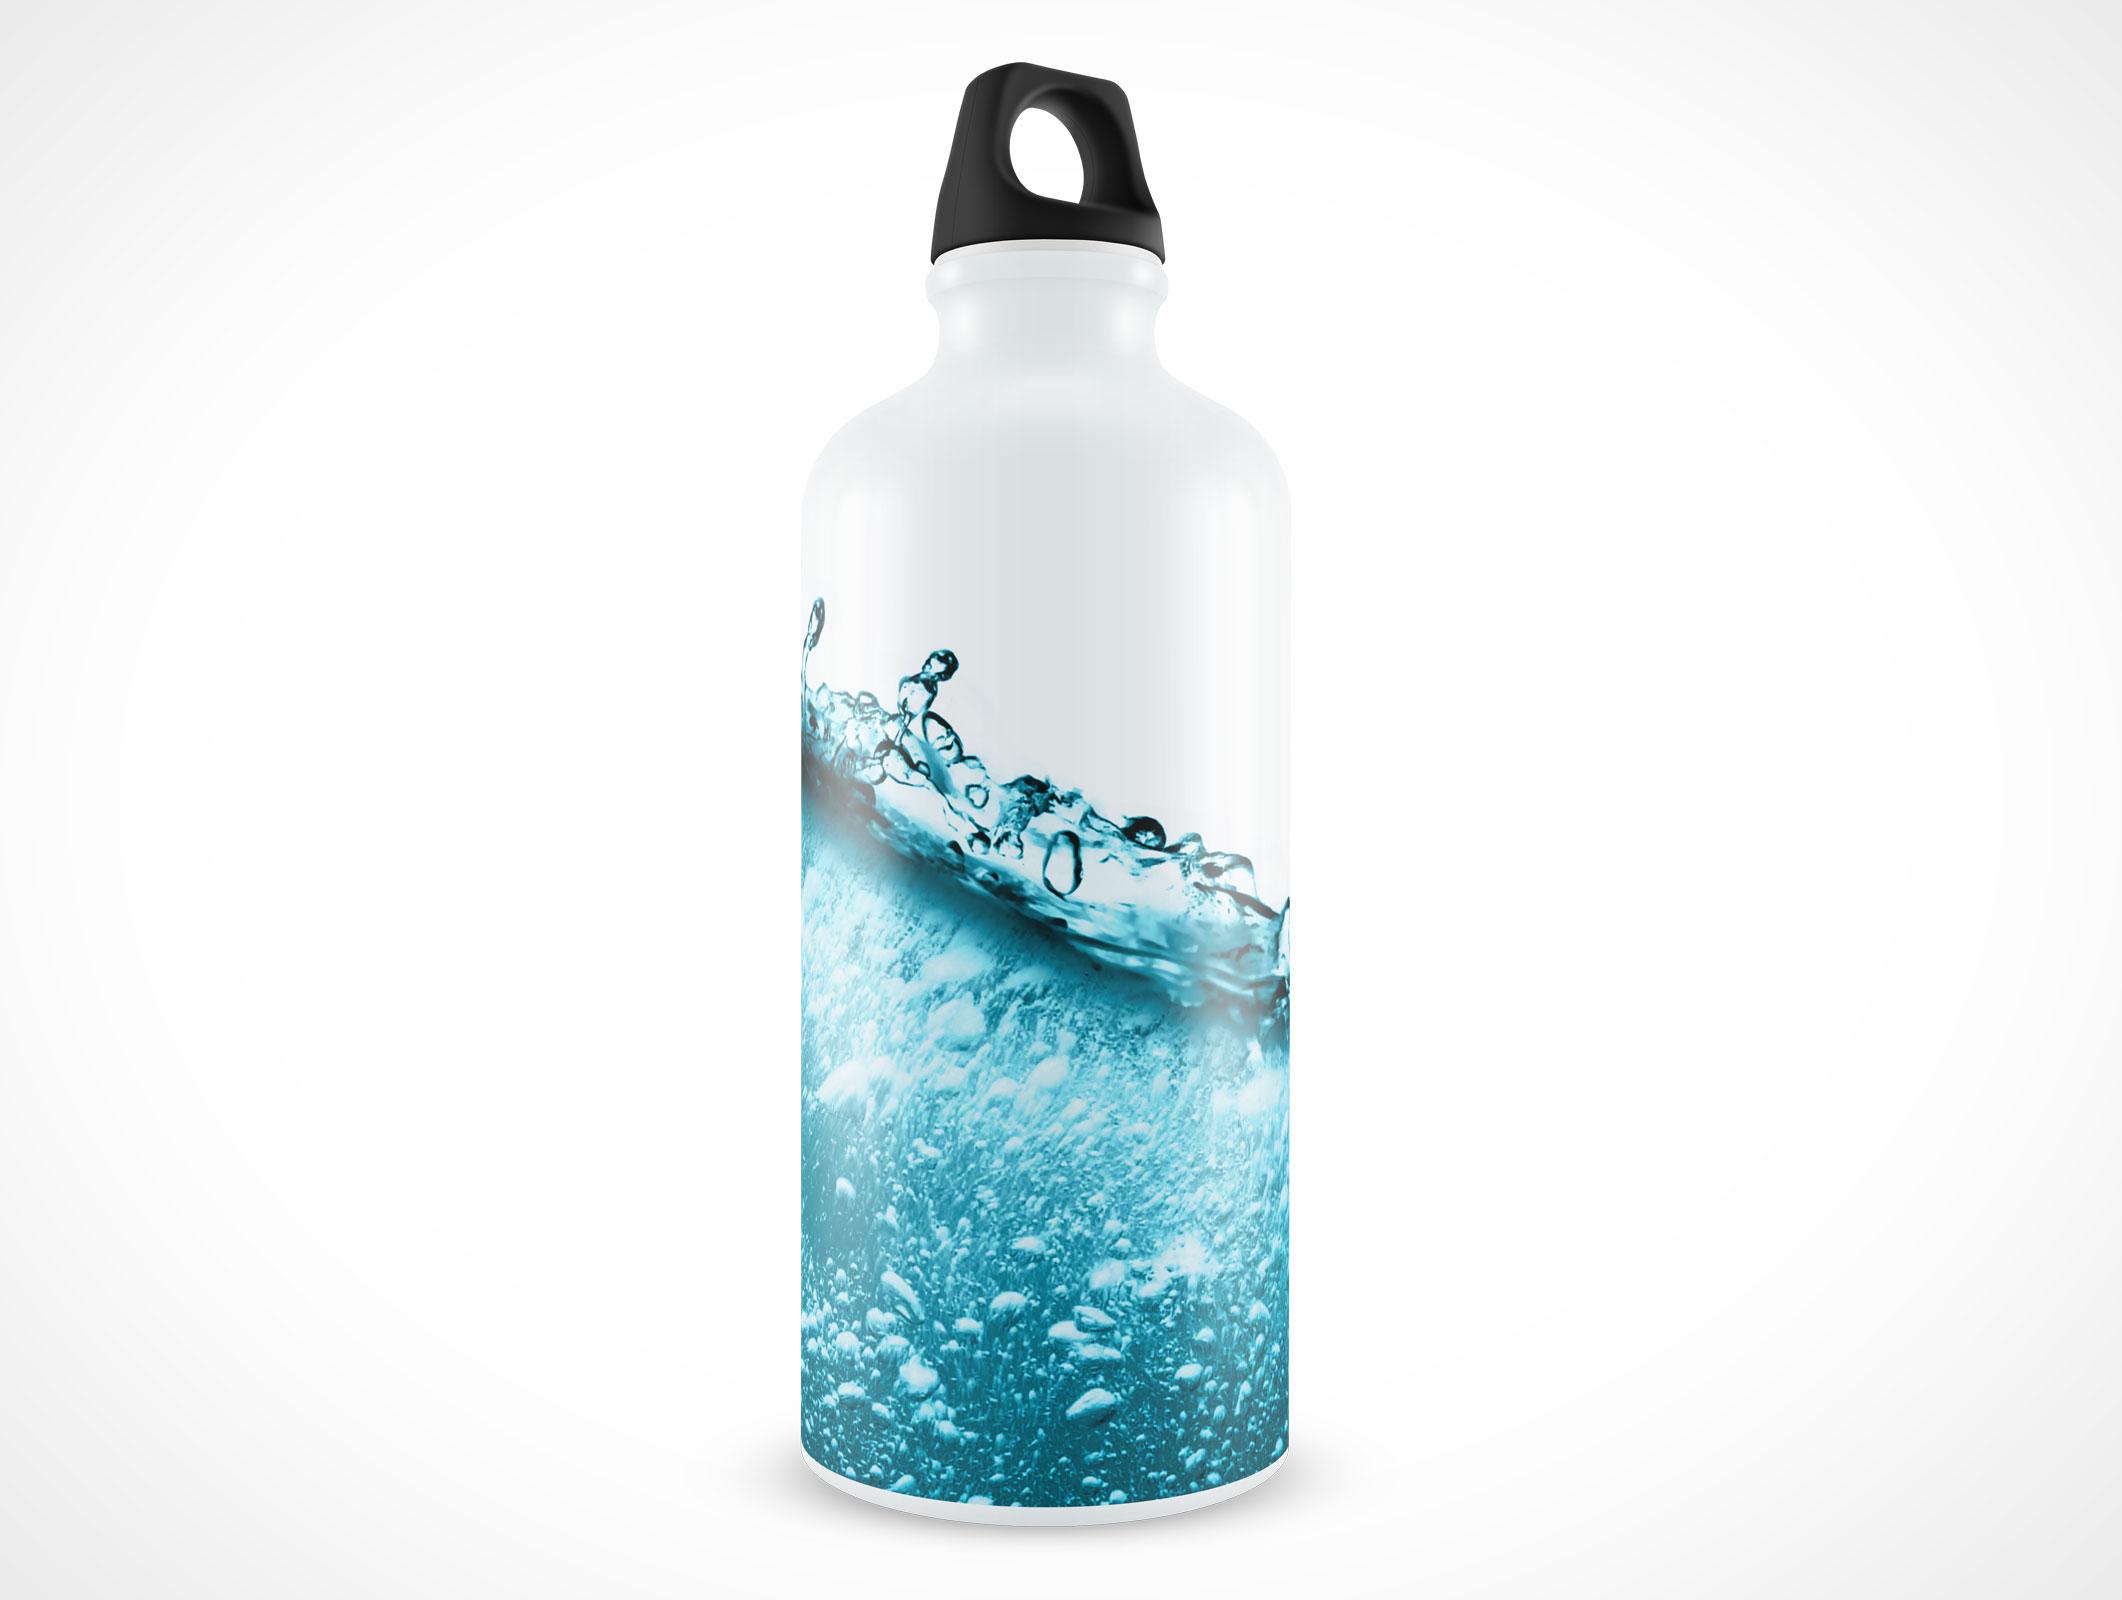 Water Bottle PSD